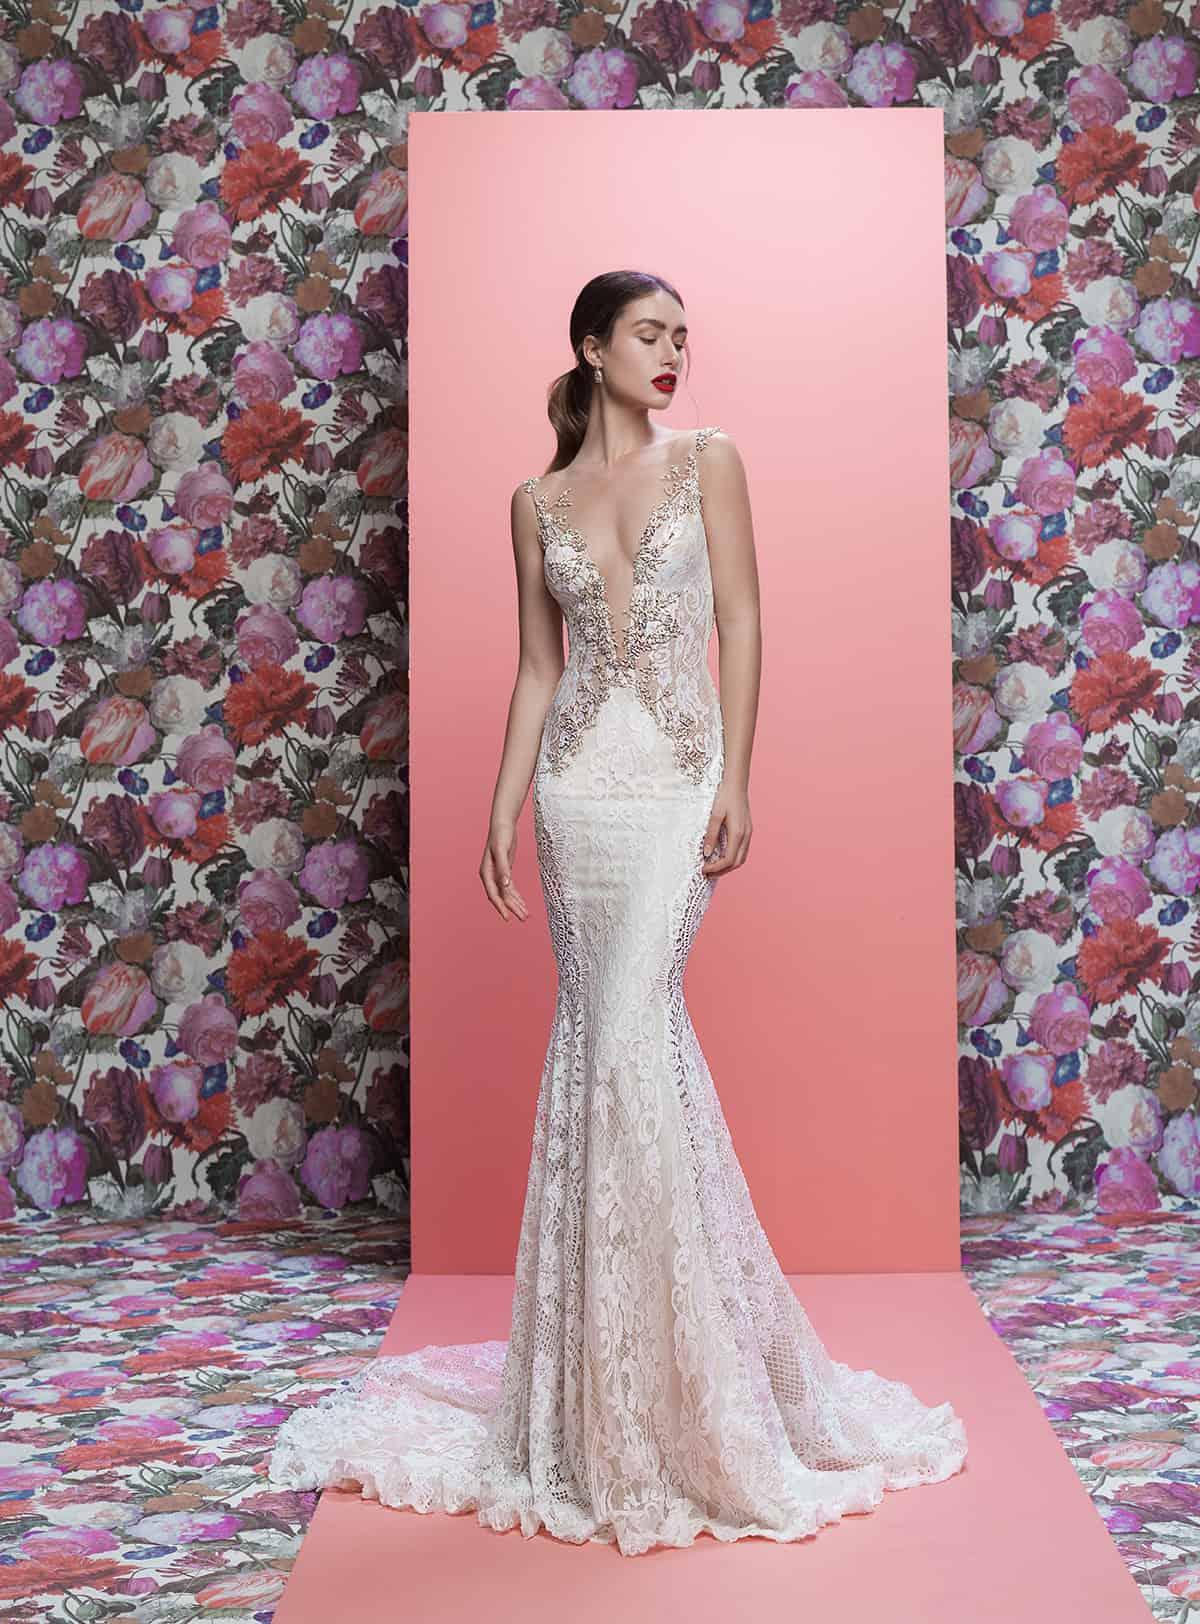 Excepcional Queen Mother Wedding Dress Bosquejo - Colección de ...